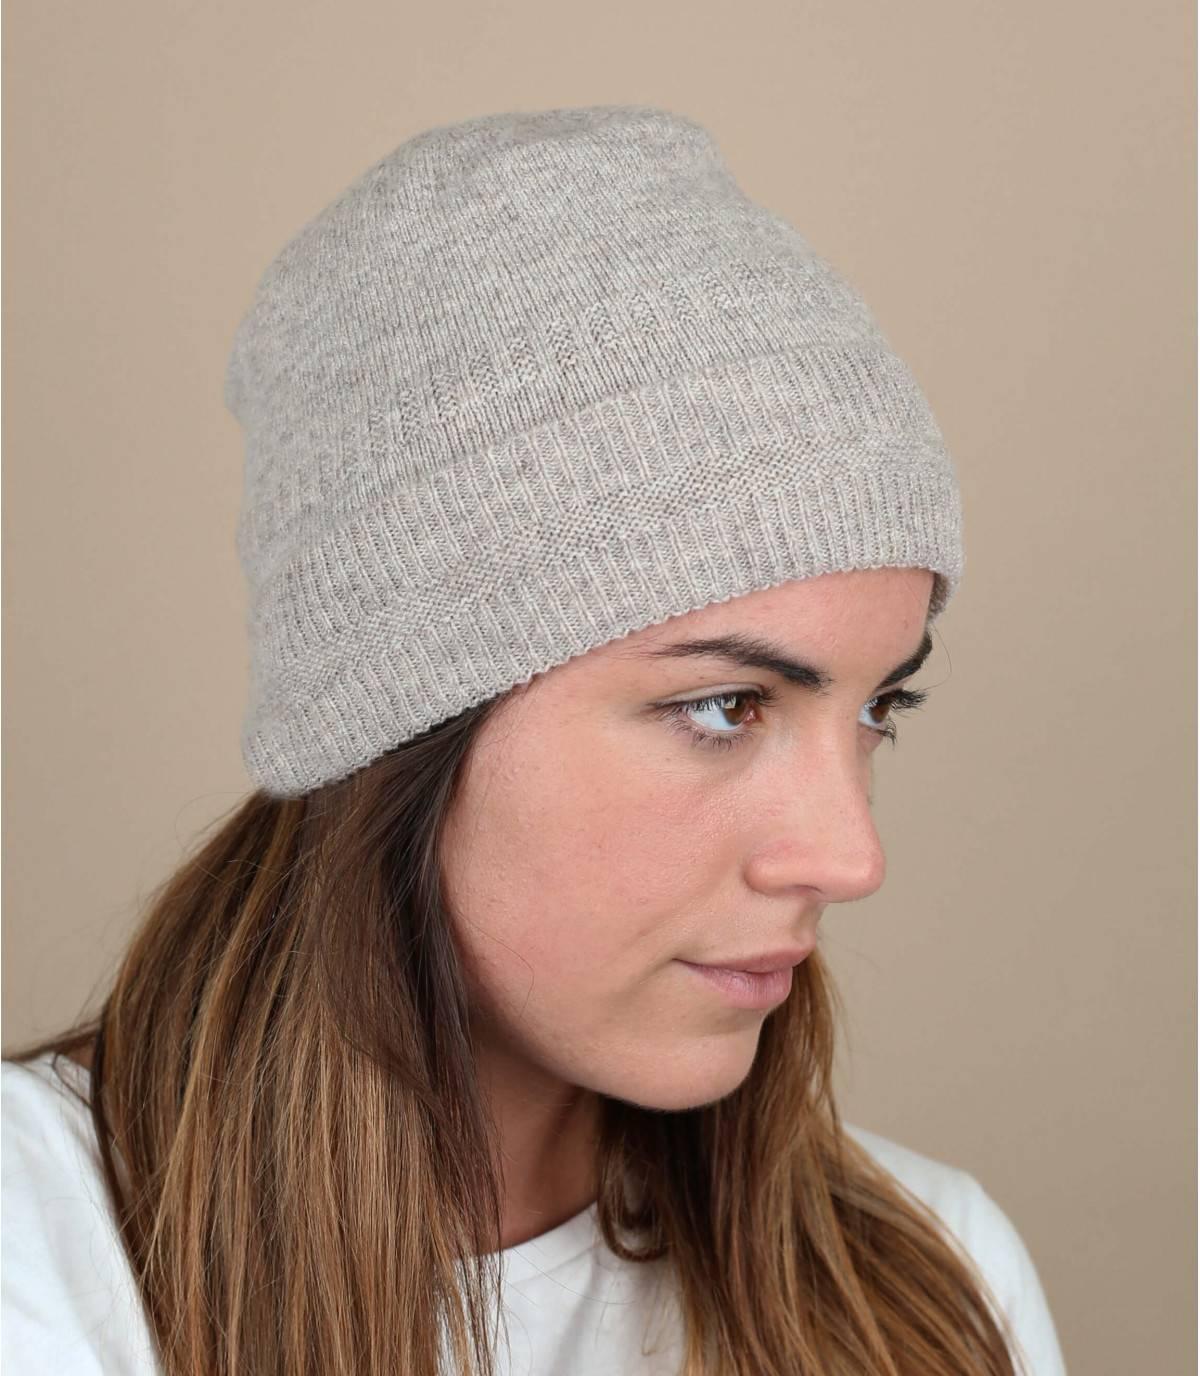 Descubra la comodidad y la calidad inigualables de los sombreros Mackie, fabricados en Escocia en los talleres del especialista. Este está hecho de suave y cálida lana de cordero y tiene un puño para un ajuste perfecto.